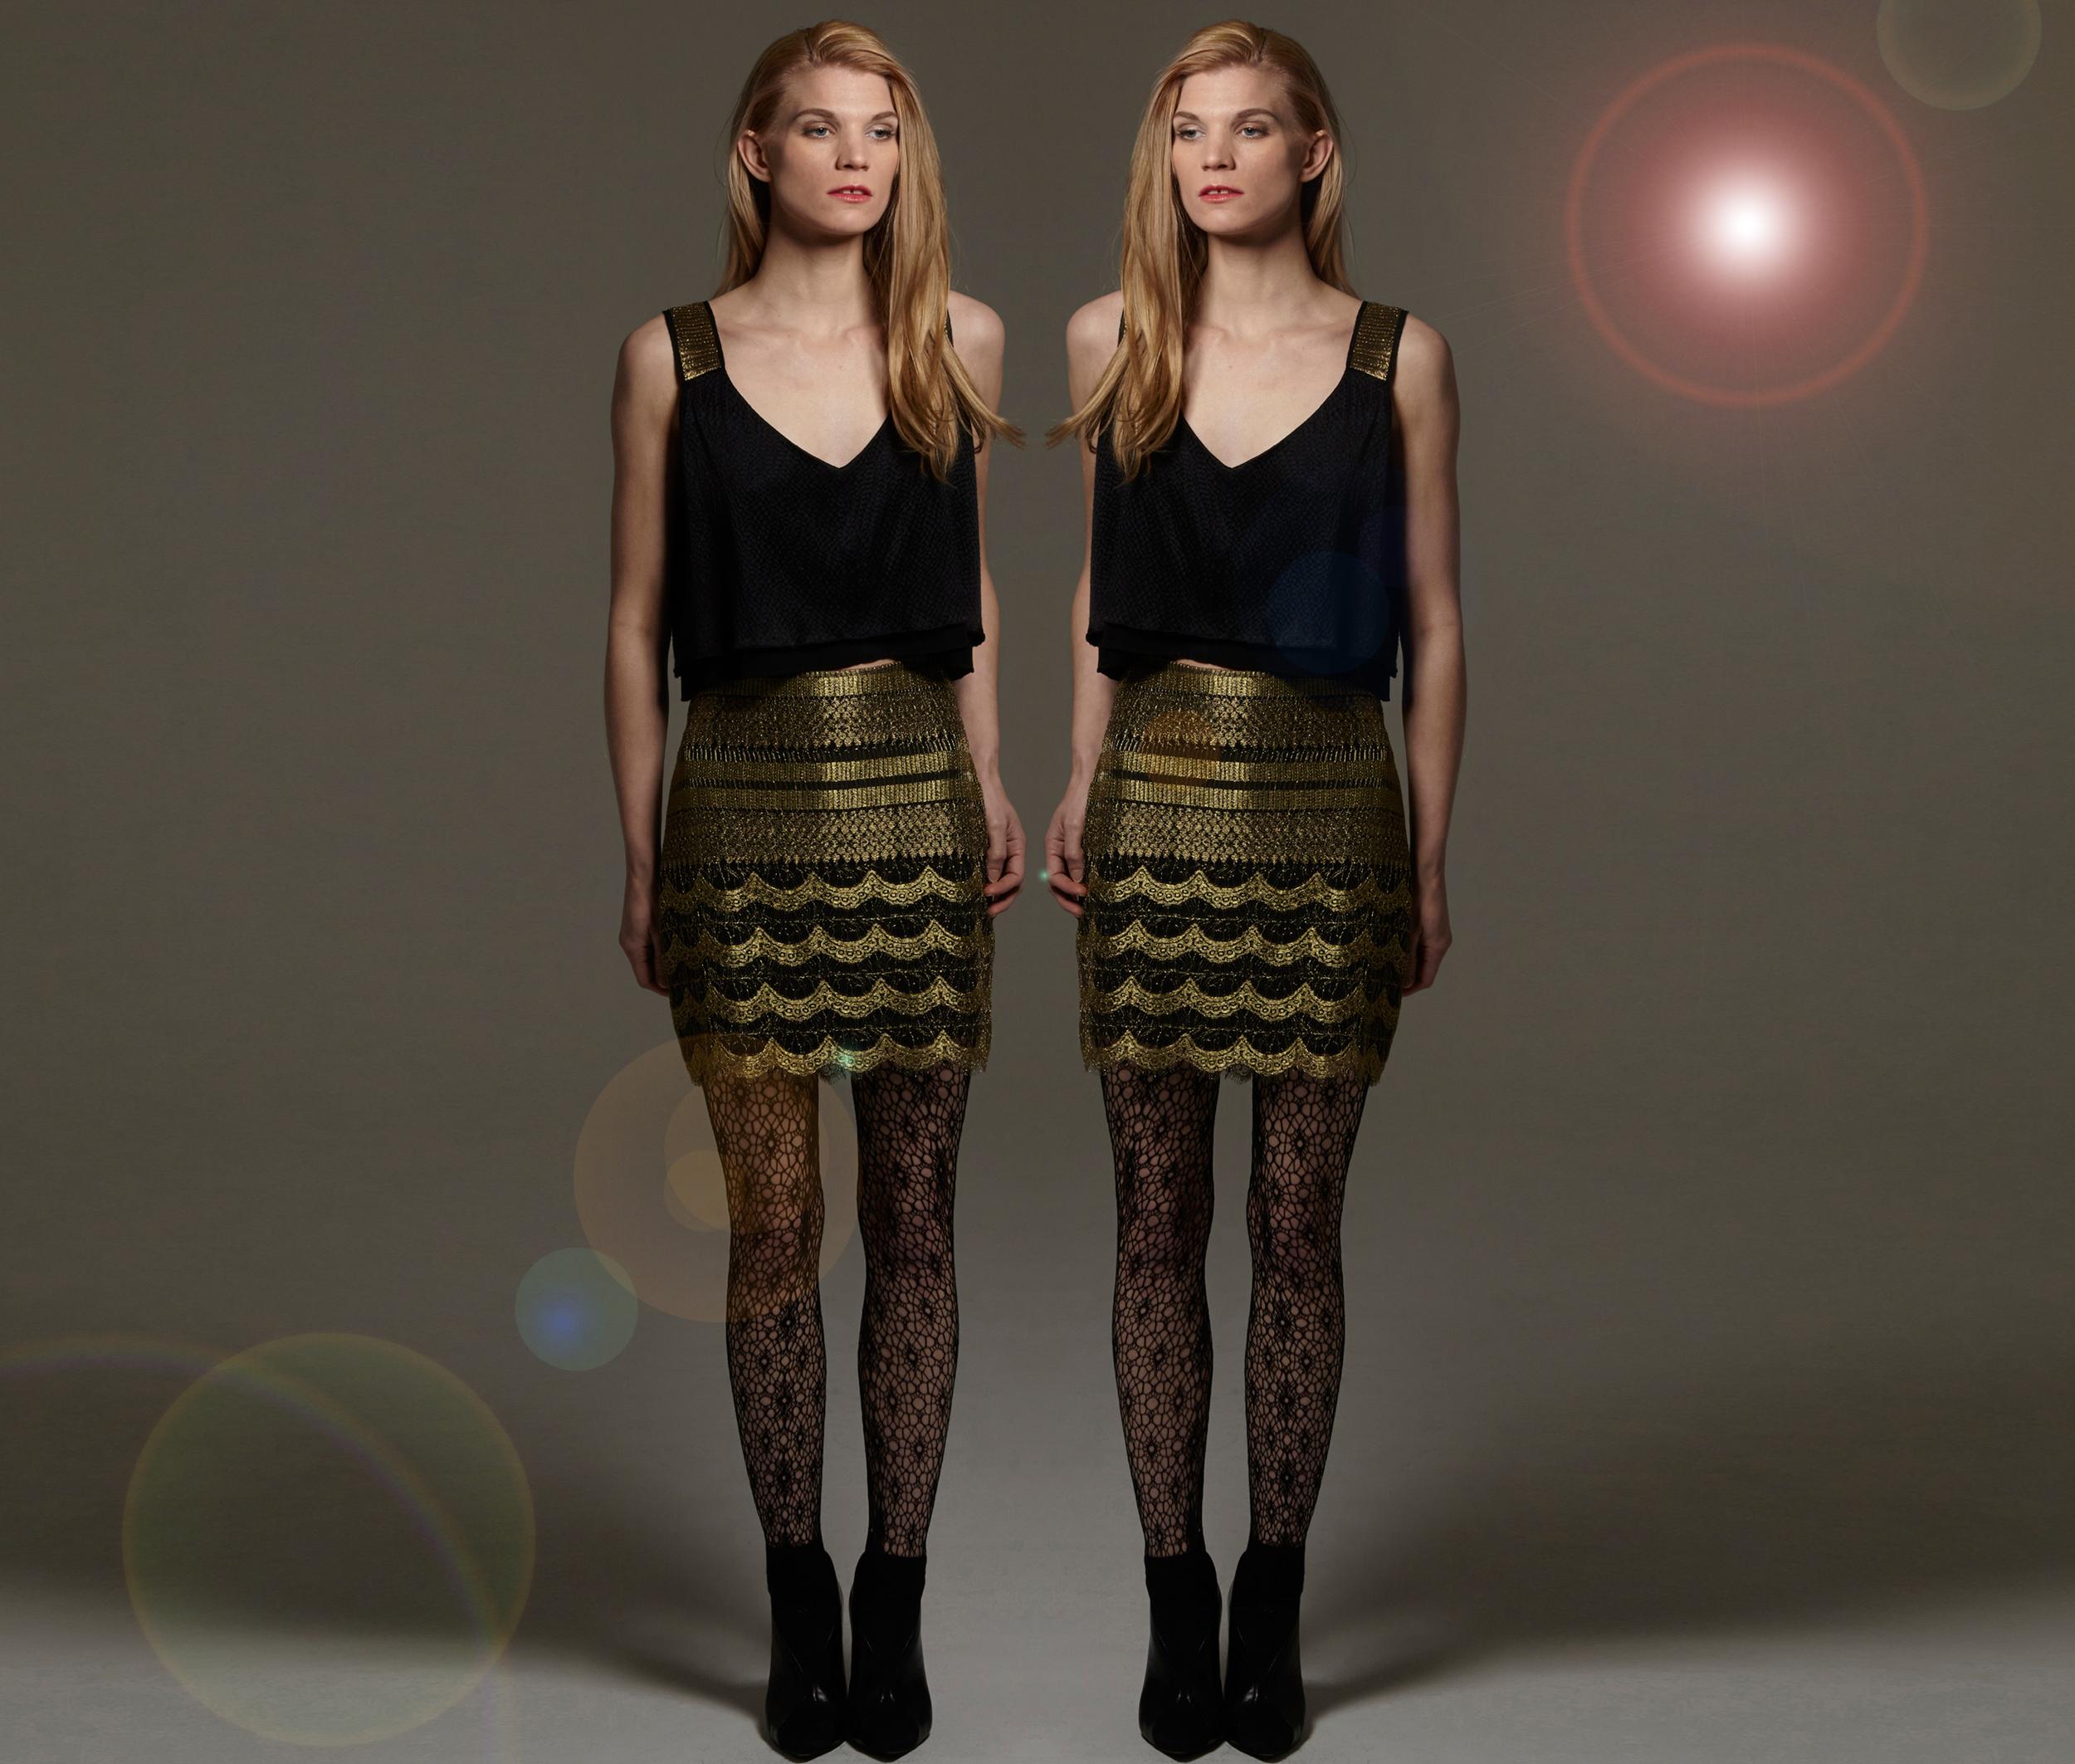 miniskirt.jpg